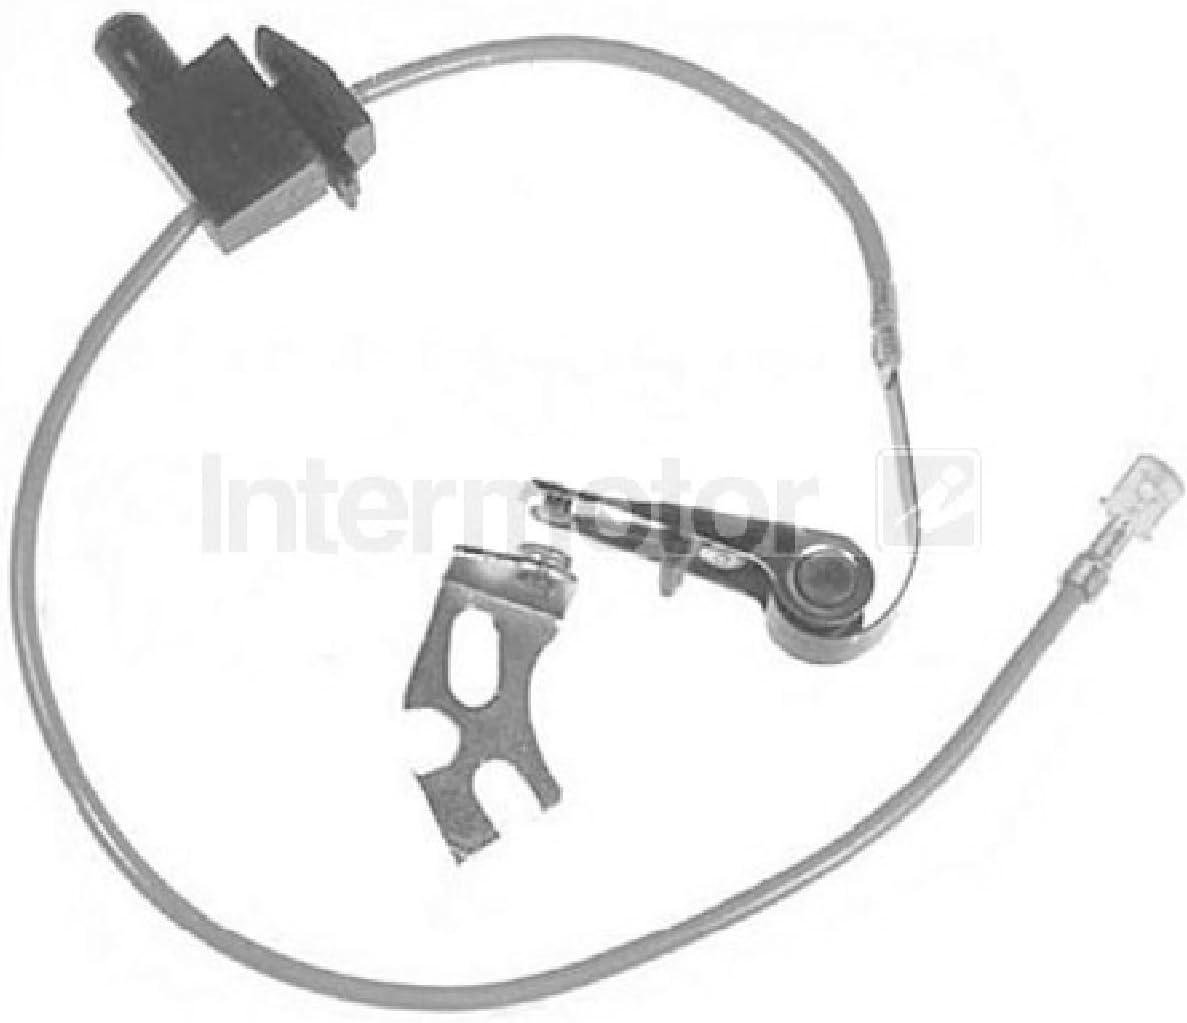 Intermotor 23080 Contact Set